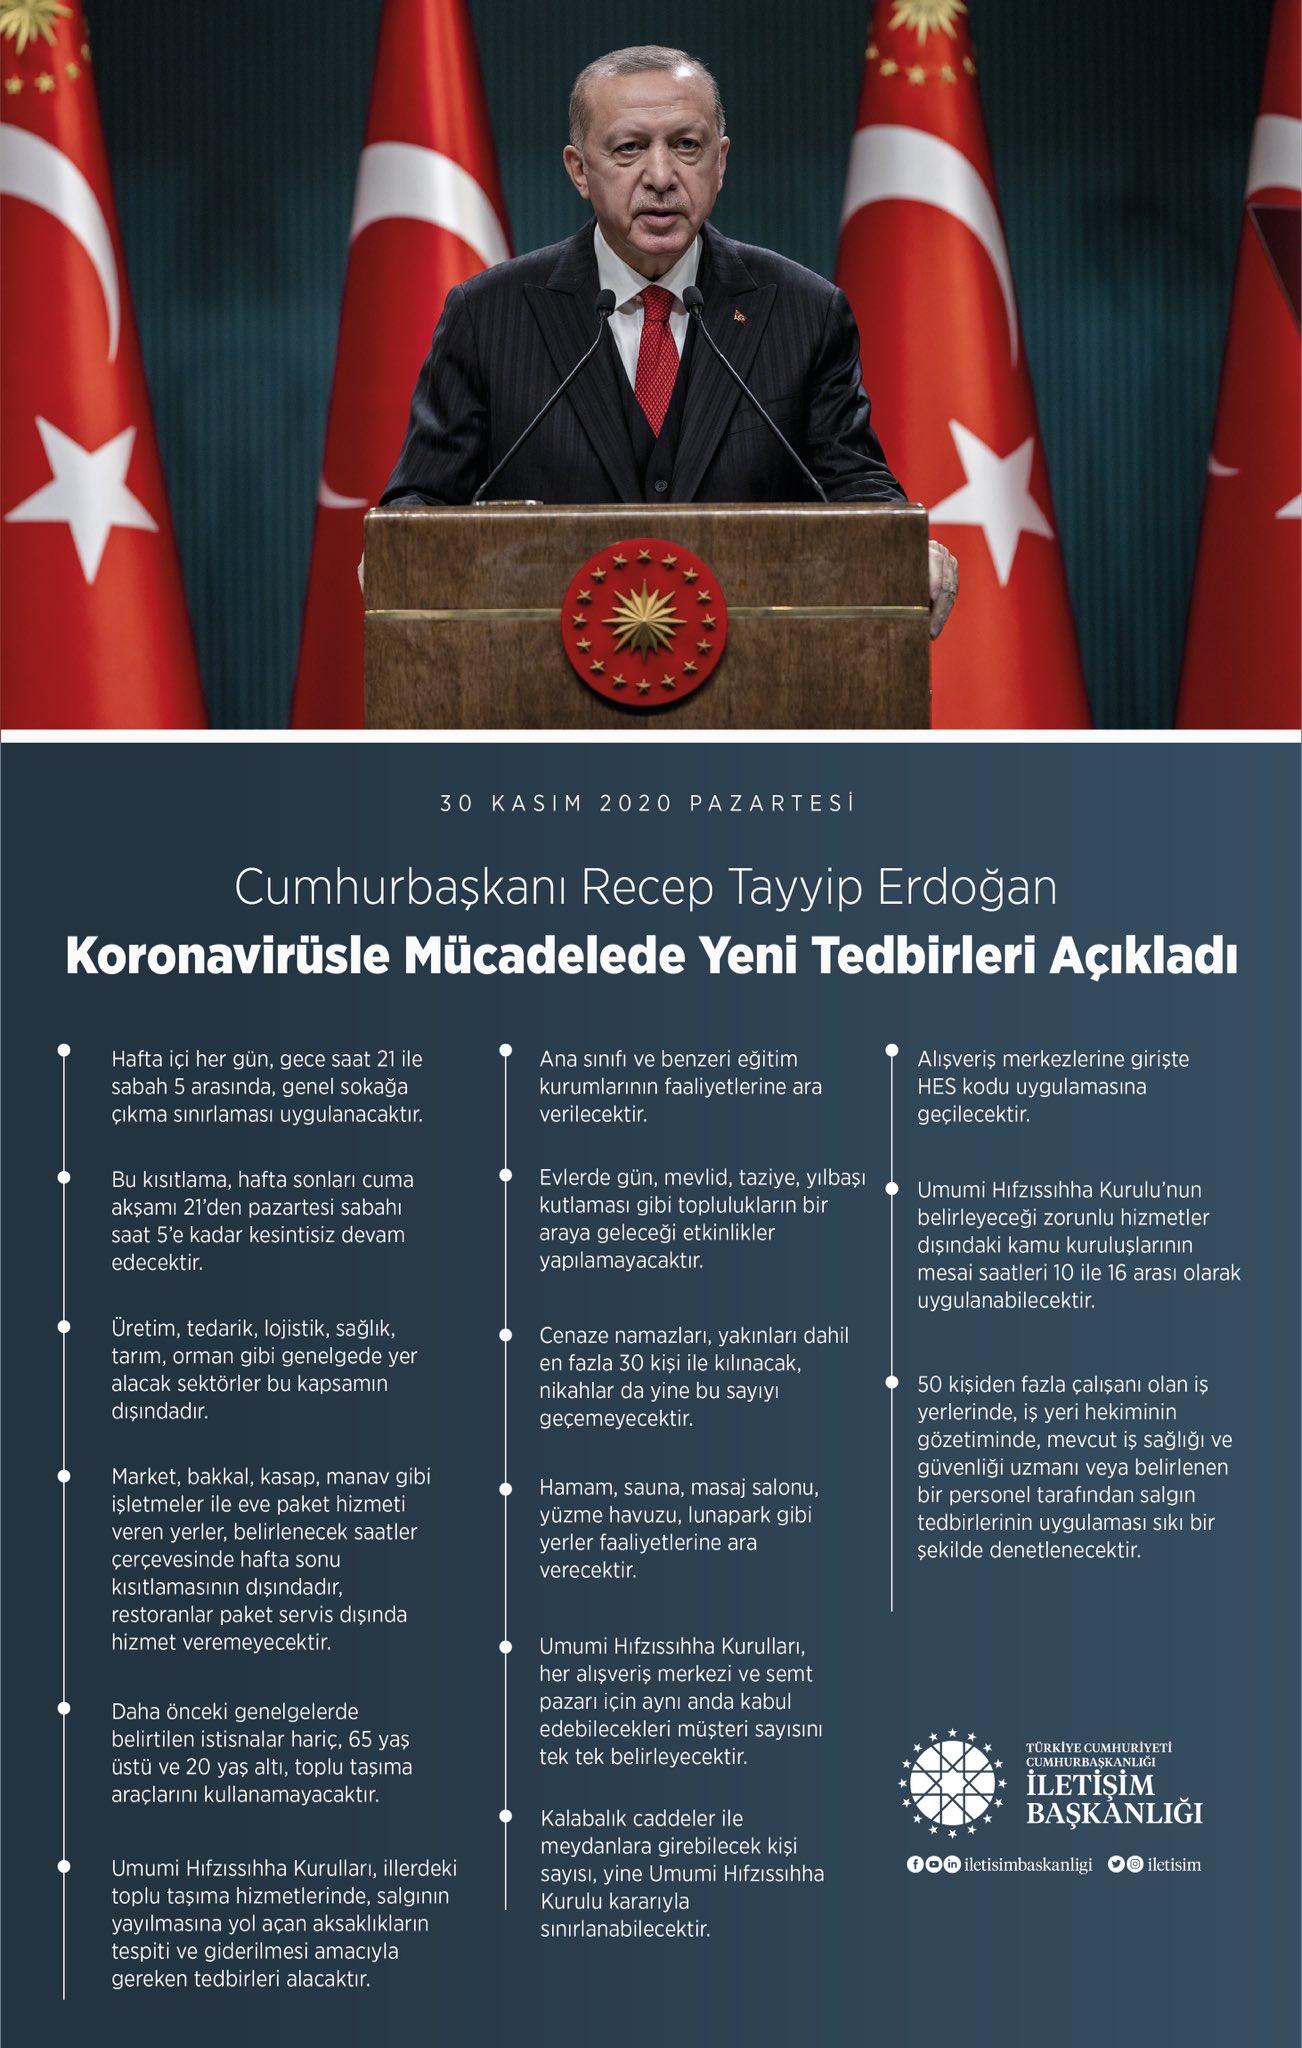 Cumhurbaşkanı Erdoğan açıkladı! Sokağa çıkma yasağı genişledi! İşte detaylar...